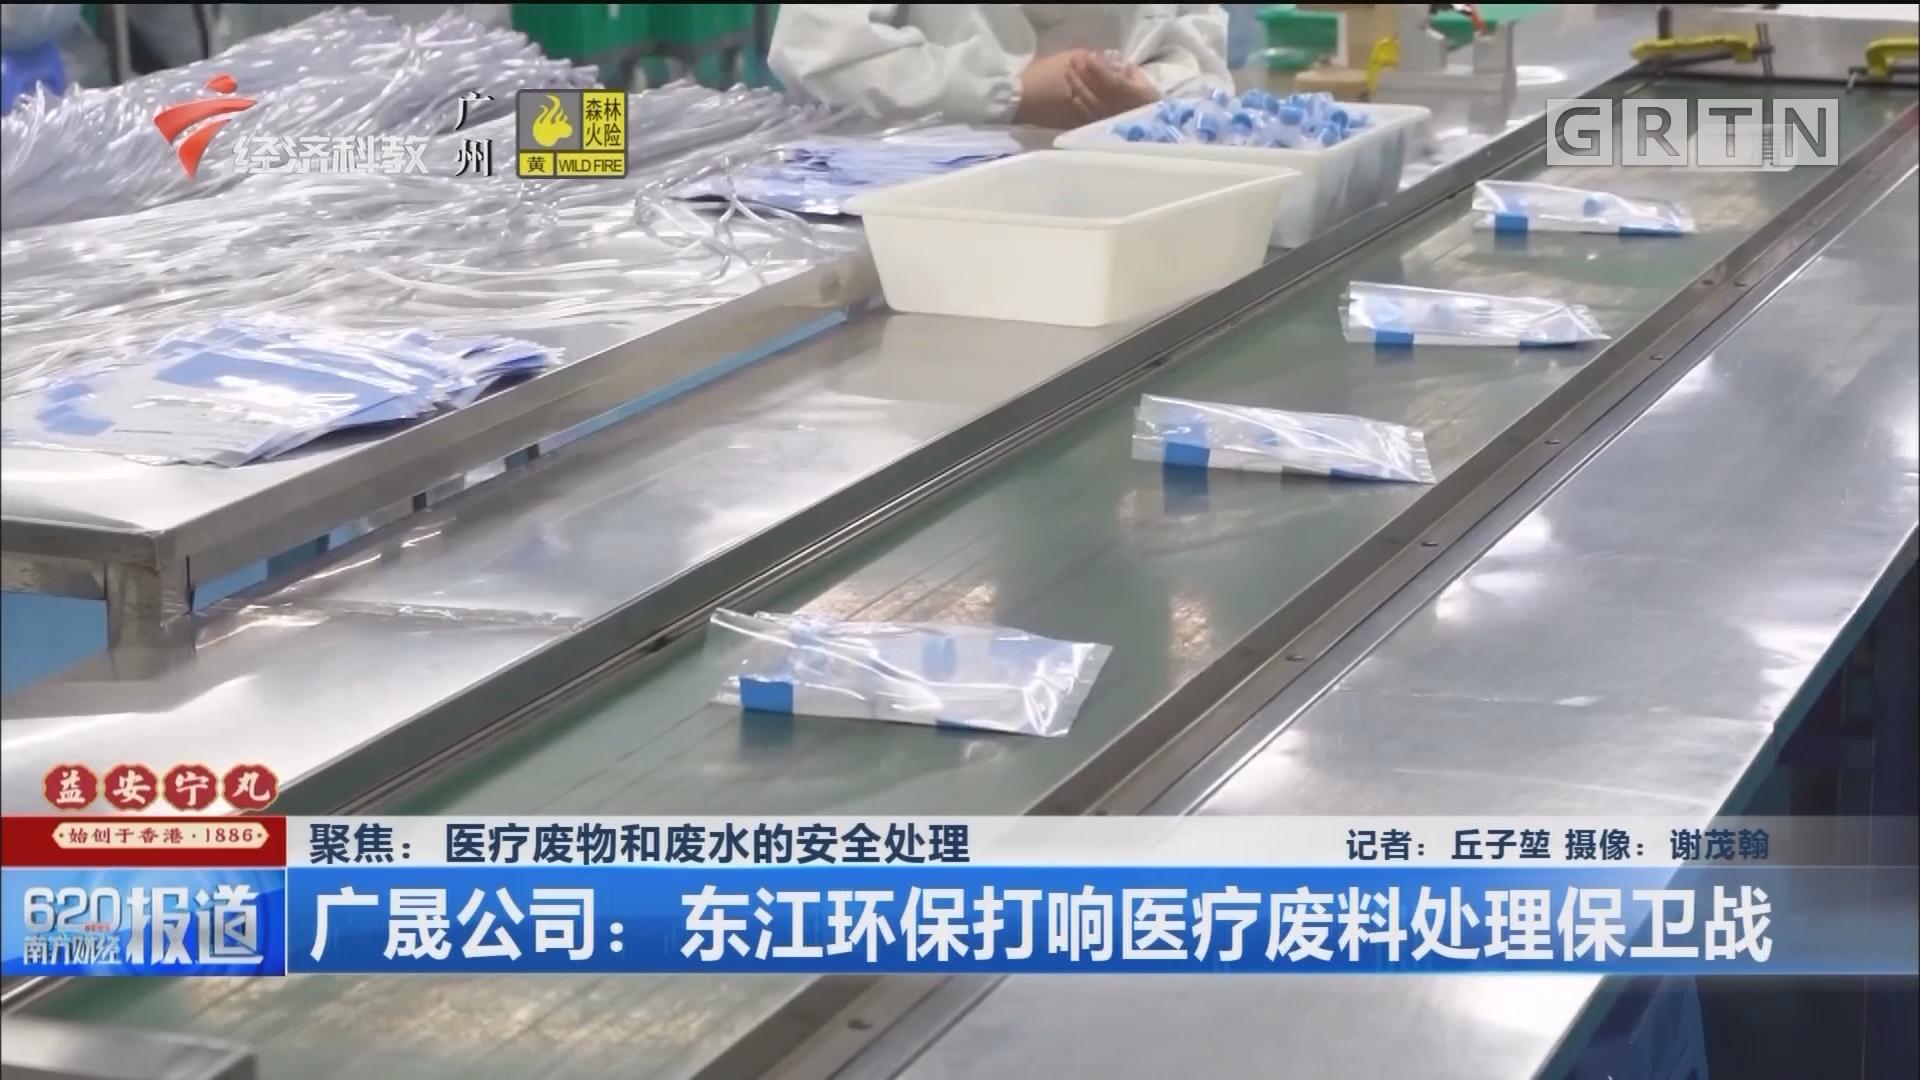 广晟公司:东江环保打响医疗废料处理保卫战